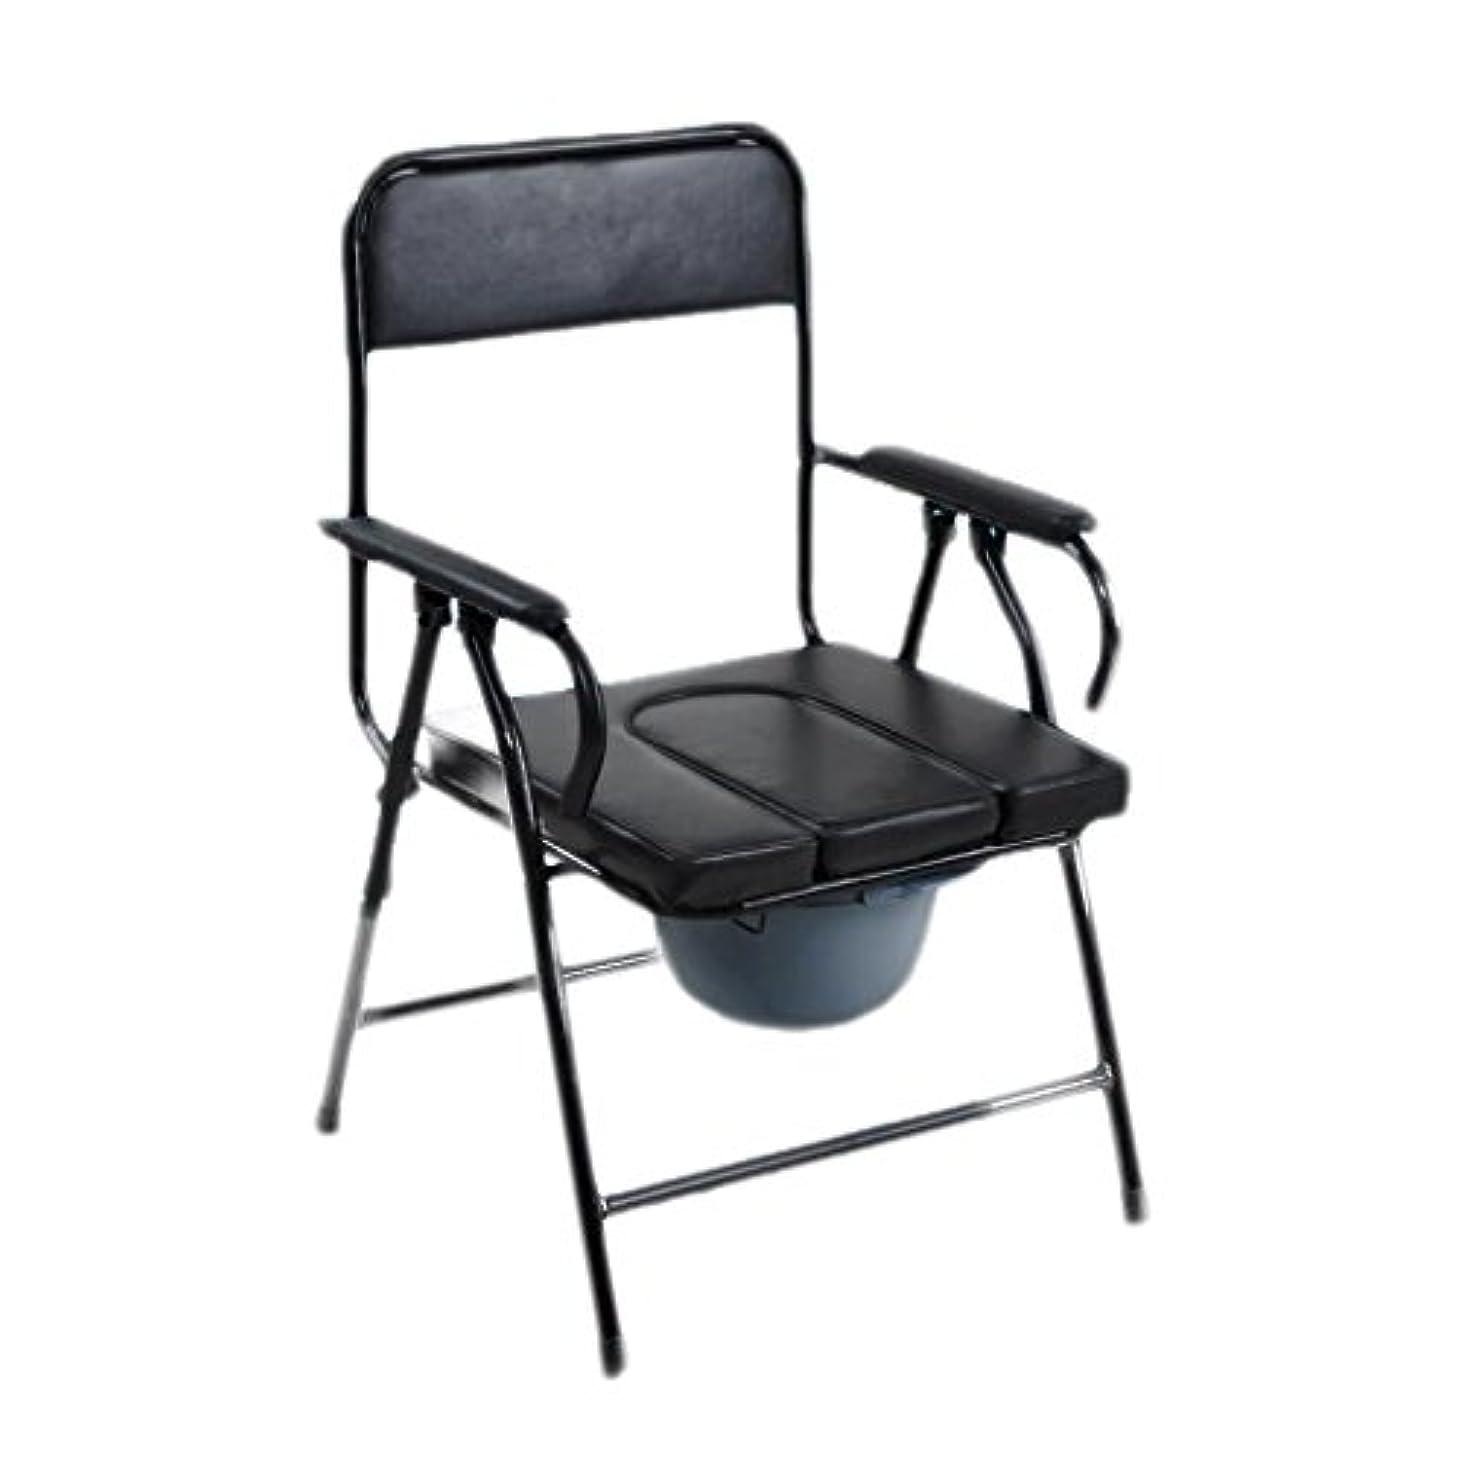 取得する滑る処方する厚い鋼管老人便器椅子折り畳み式トイレ可動式トイレ老人用トイレチェアトイレチェア